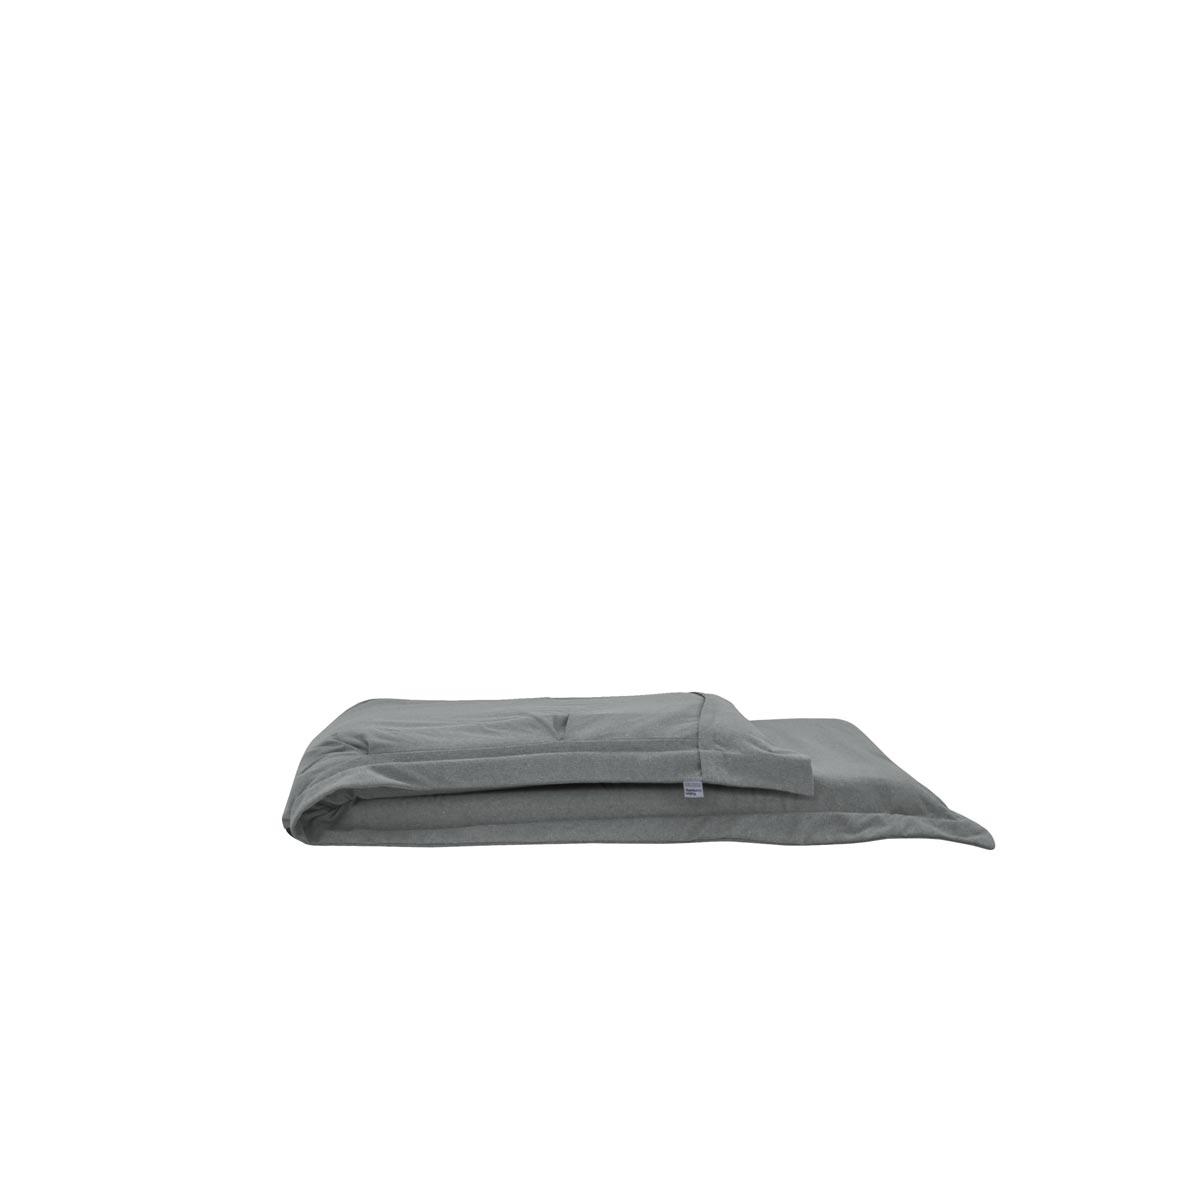 Pufe ClicClac Uno Lounge Tecido Ecolona Cimento 03 03